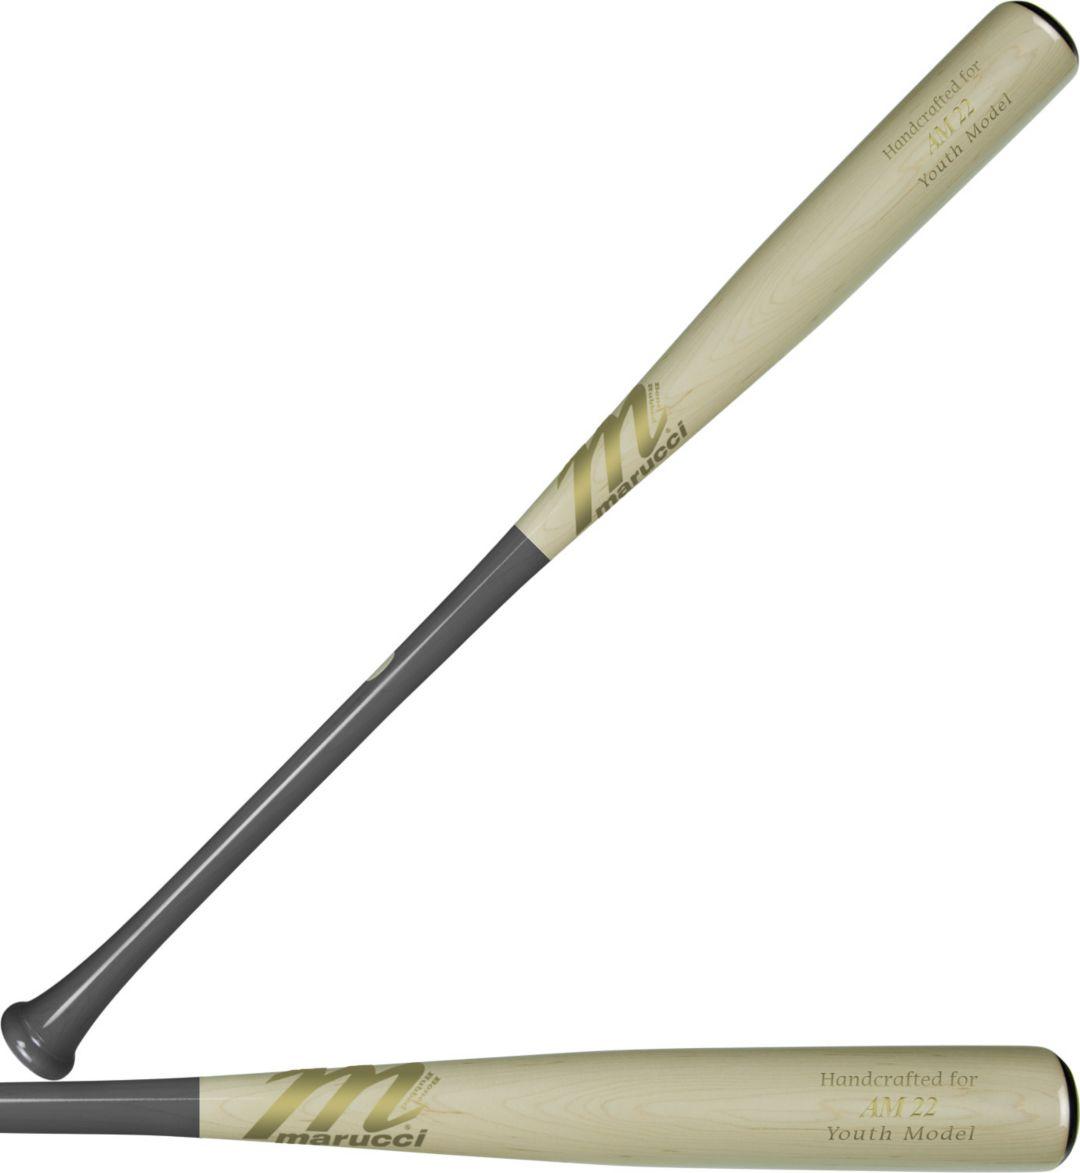 Marucci Youth CUTCH 22 Andrew McCutchen Pro Maple Bat